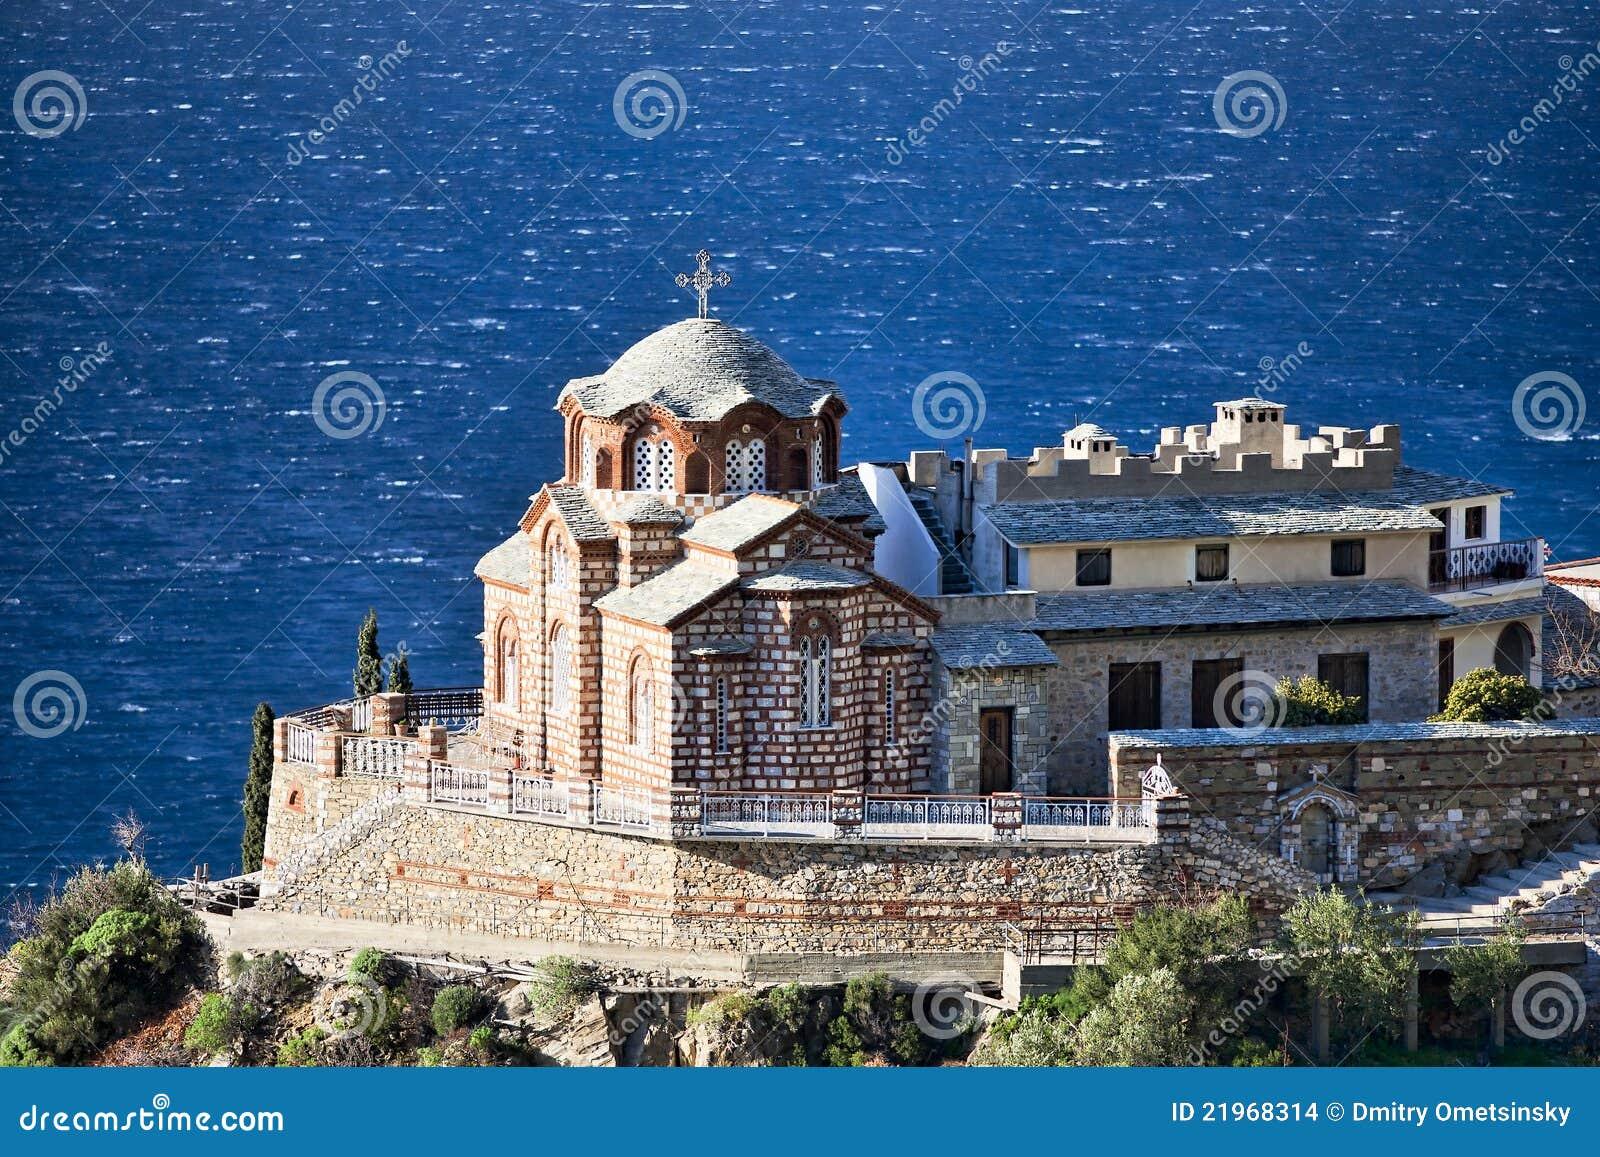 Iglesia ortodoxa bizantina en una roca sobre el mar